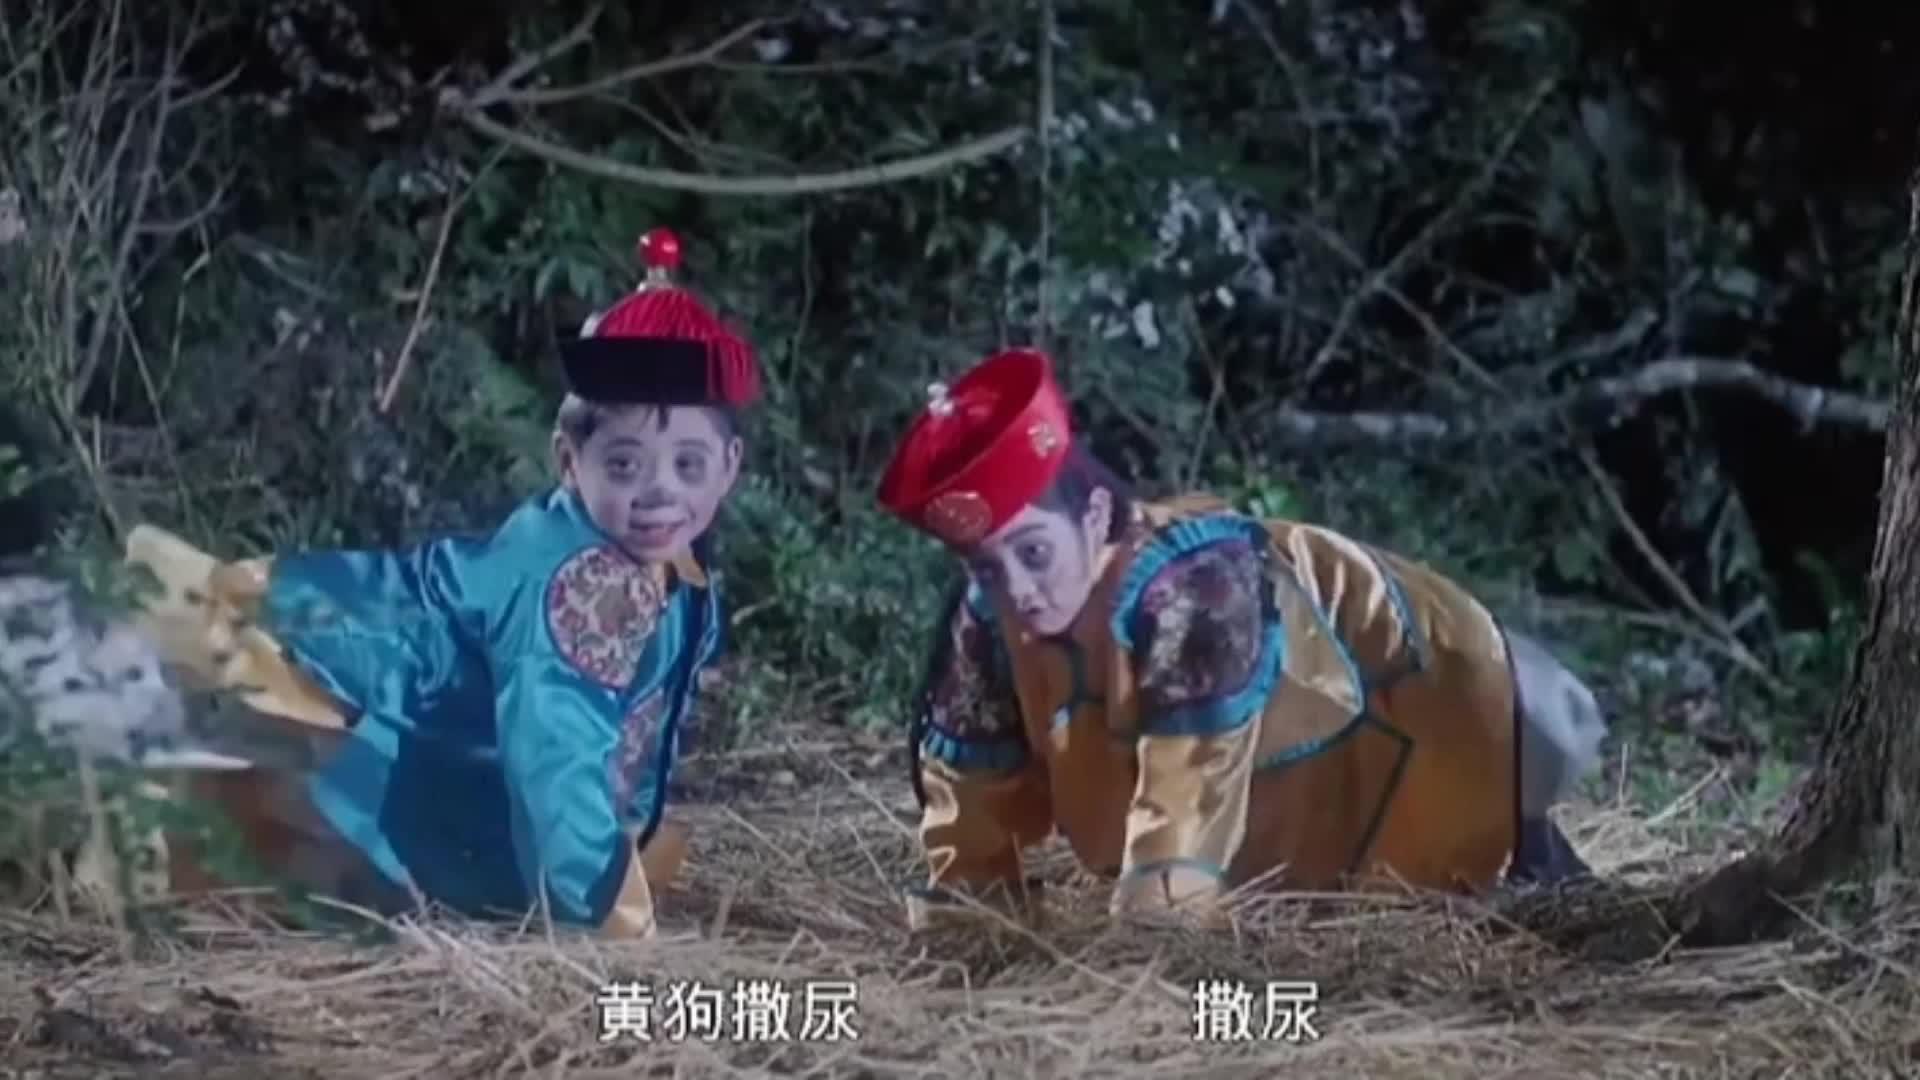 小僵尸爸爸带小僵尸回家 #搞笑  #香港灵幻电影